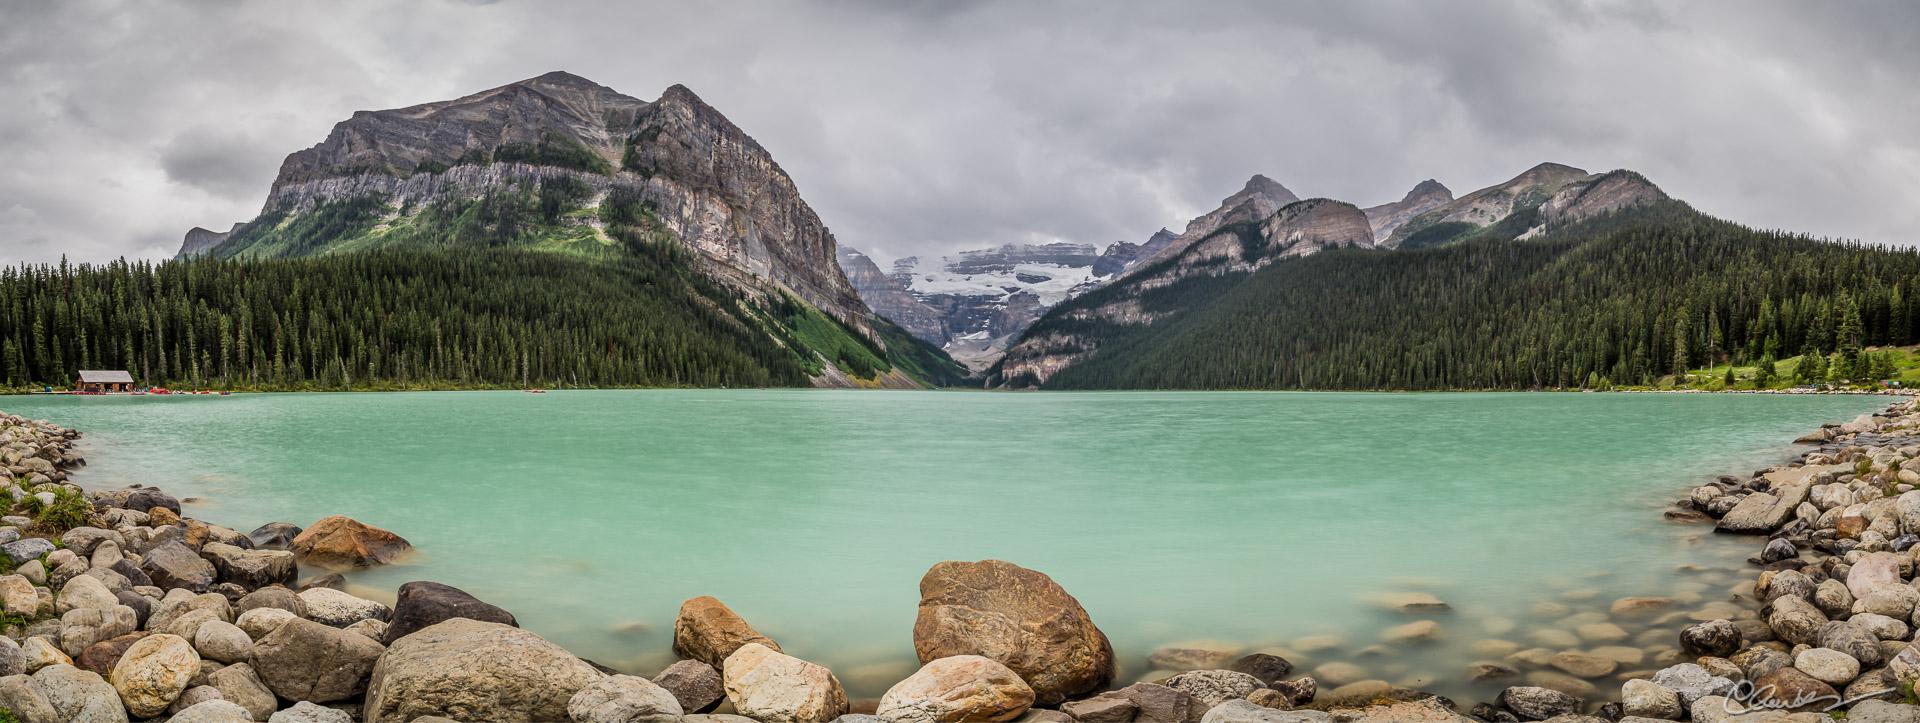 Lac Louise Lake